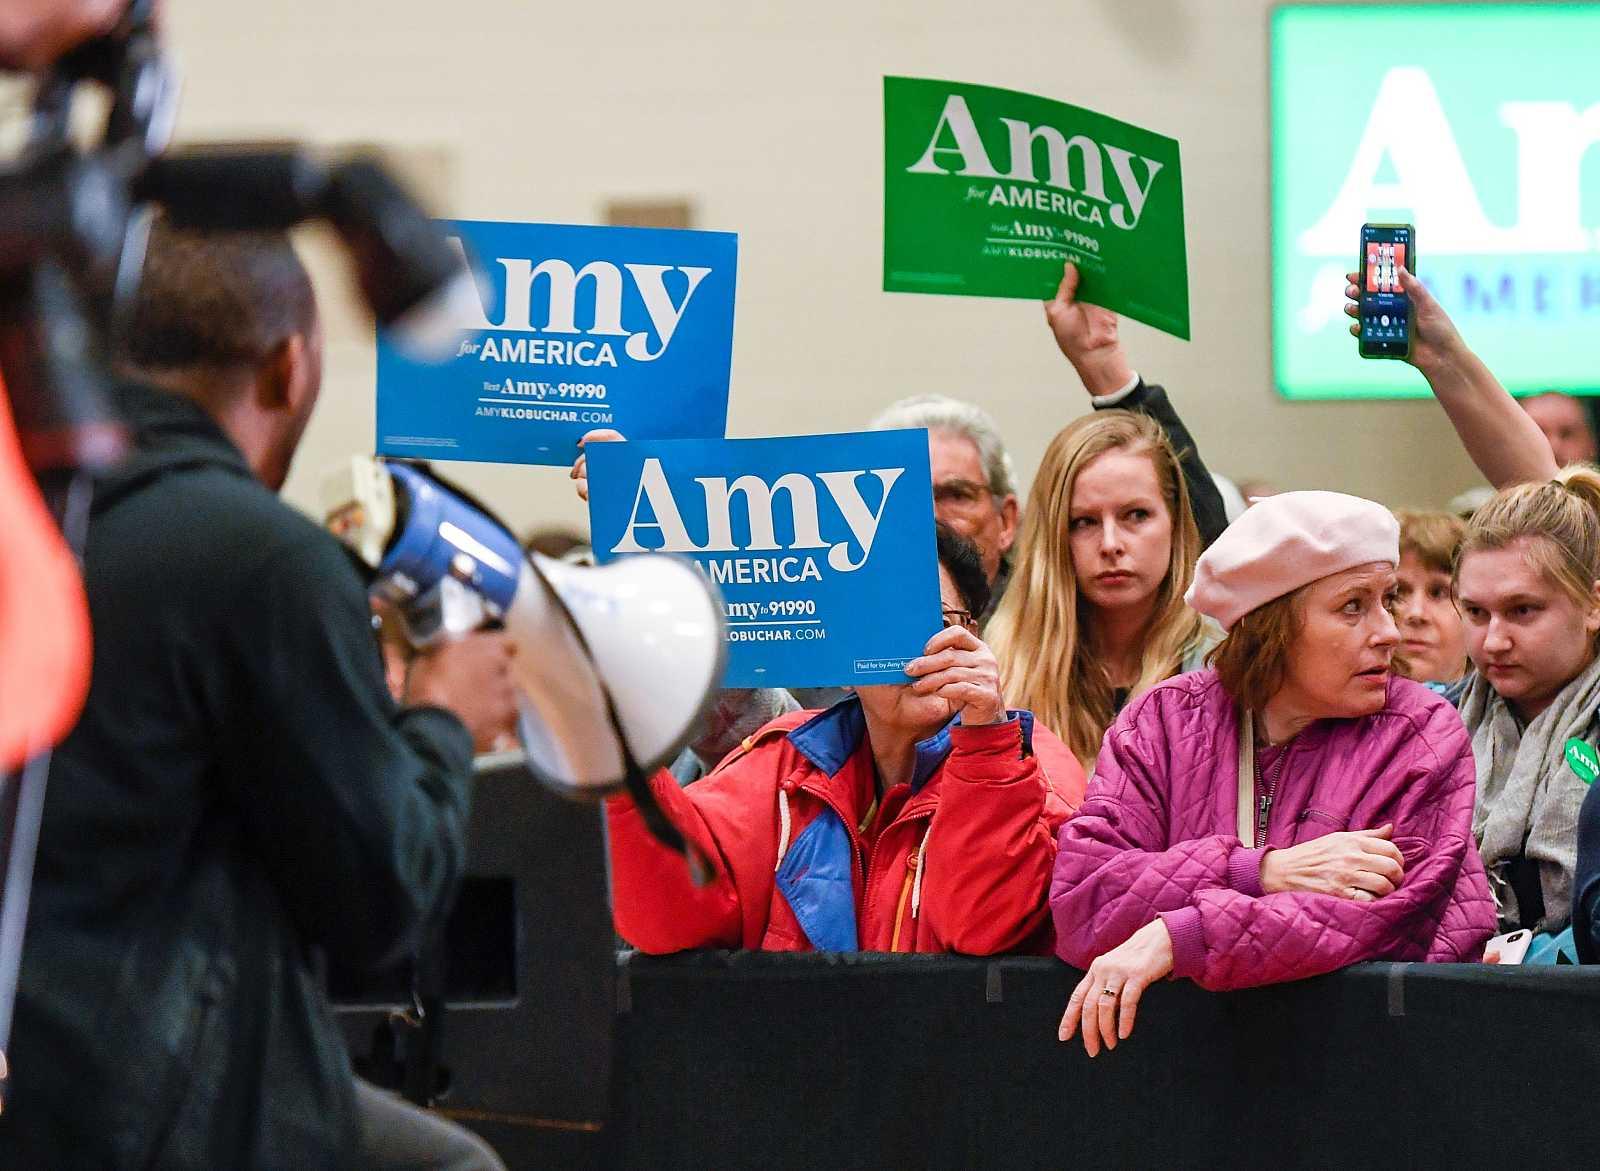 La candidata presidencial estadounidense, la senadora Amy Klobuchar, se retira de las primarias demócratas